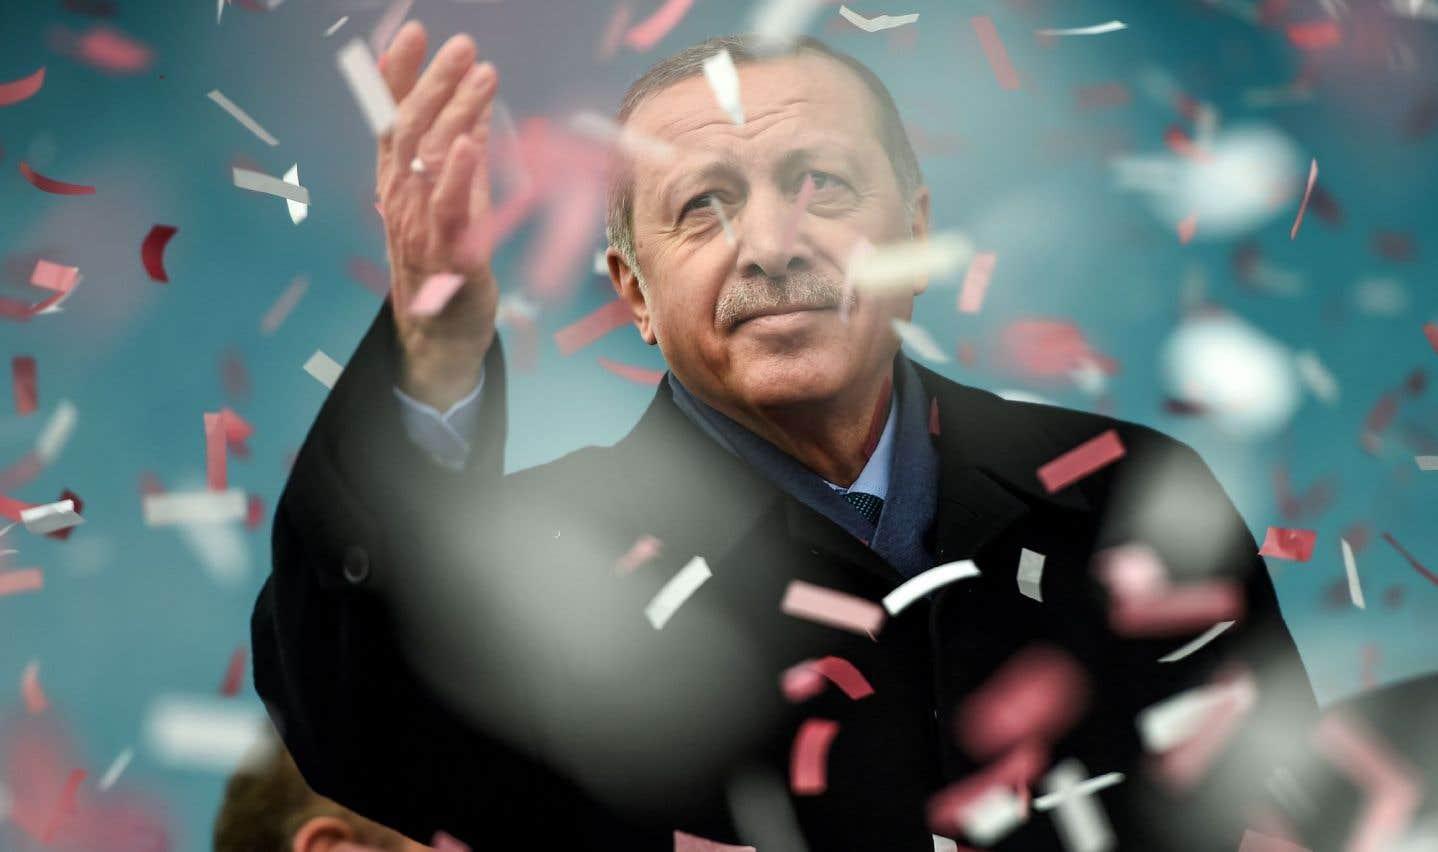 La crise Turquie-Europe s'envenime